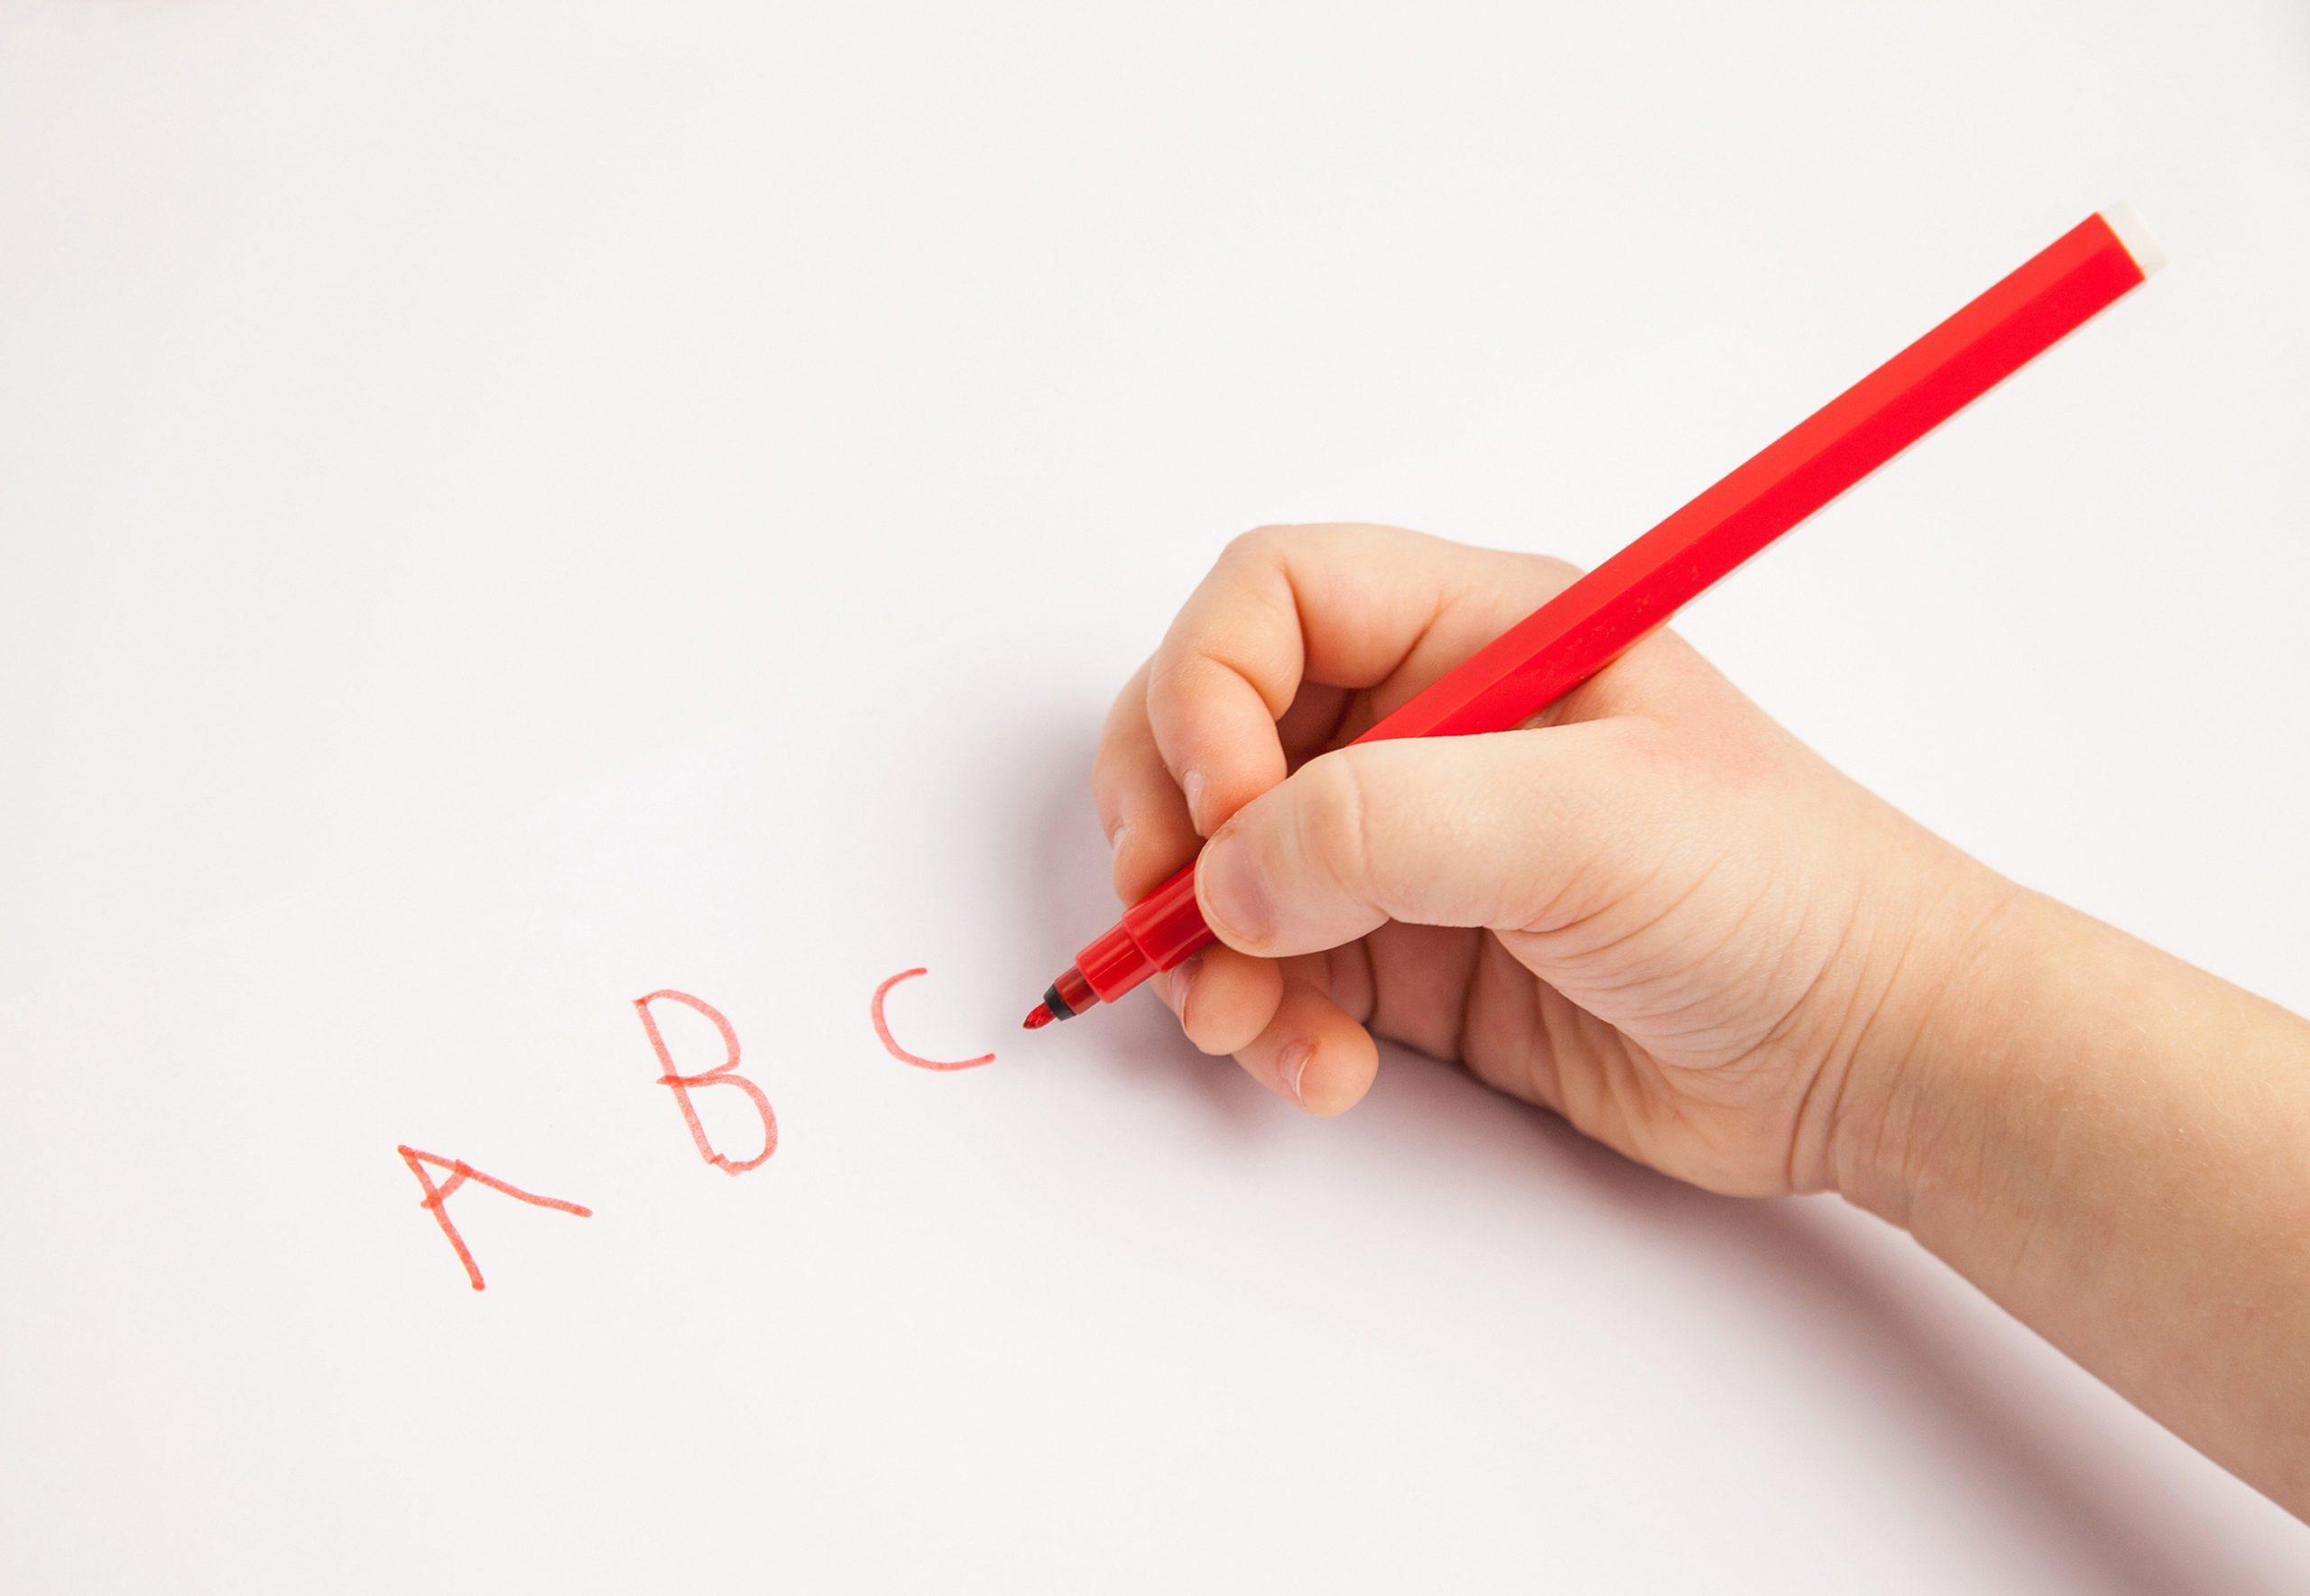 Długopis najlepszą reklamą ?